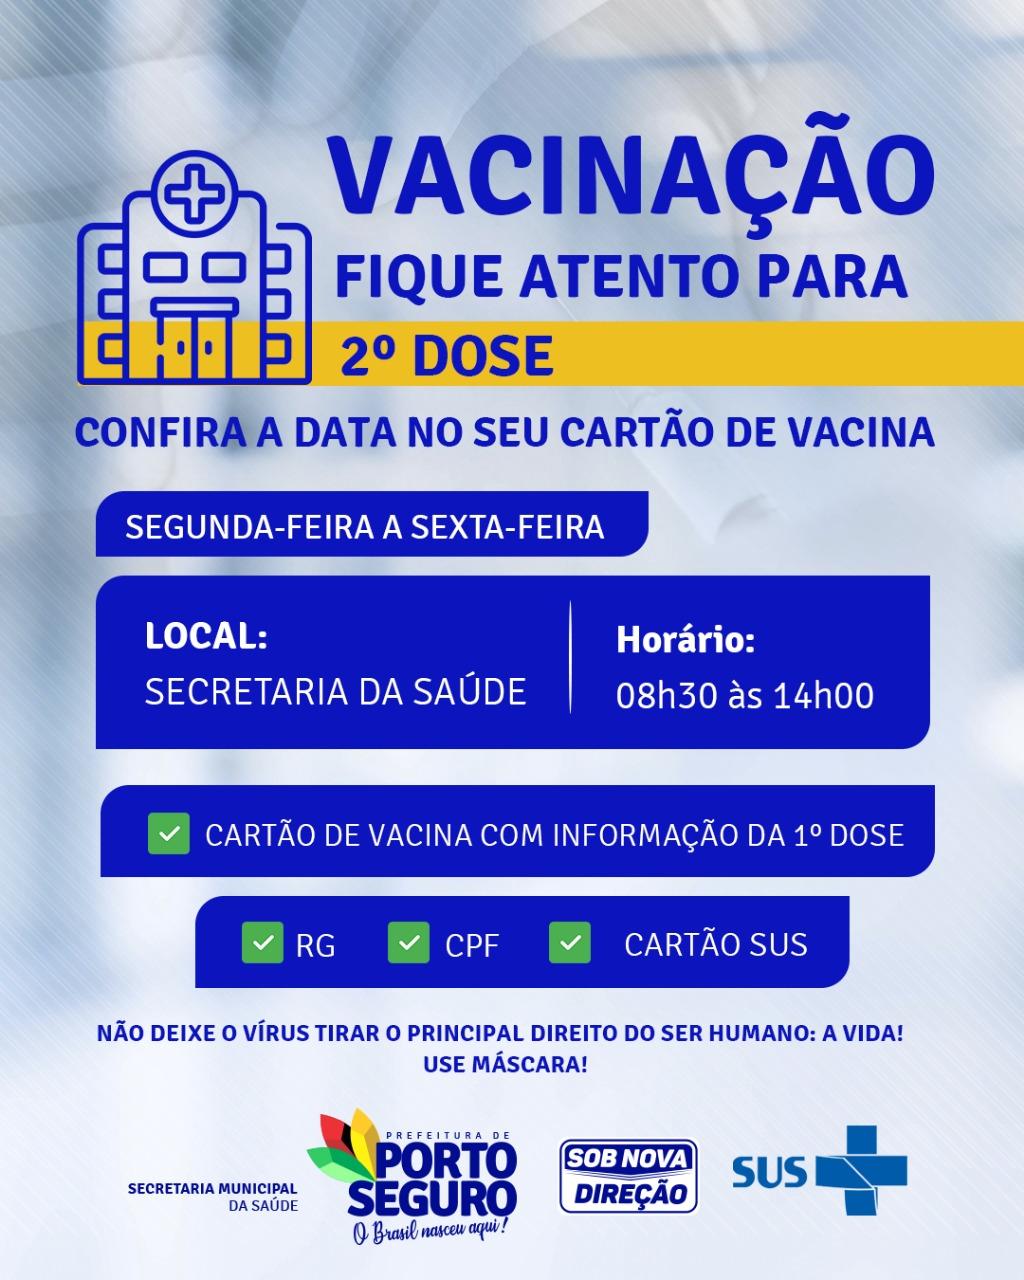 NÃO DÊ BOBEIRA: VACINAR É PRECISO! Vacinar: esta é a palavra de ordem em Porto Seguro! 18